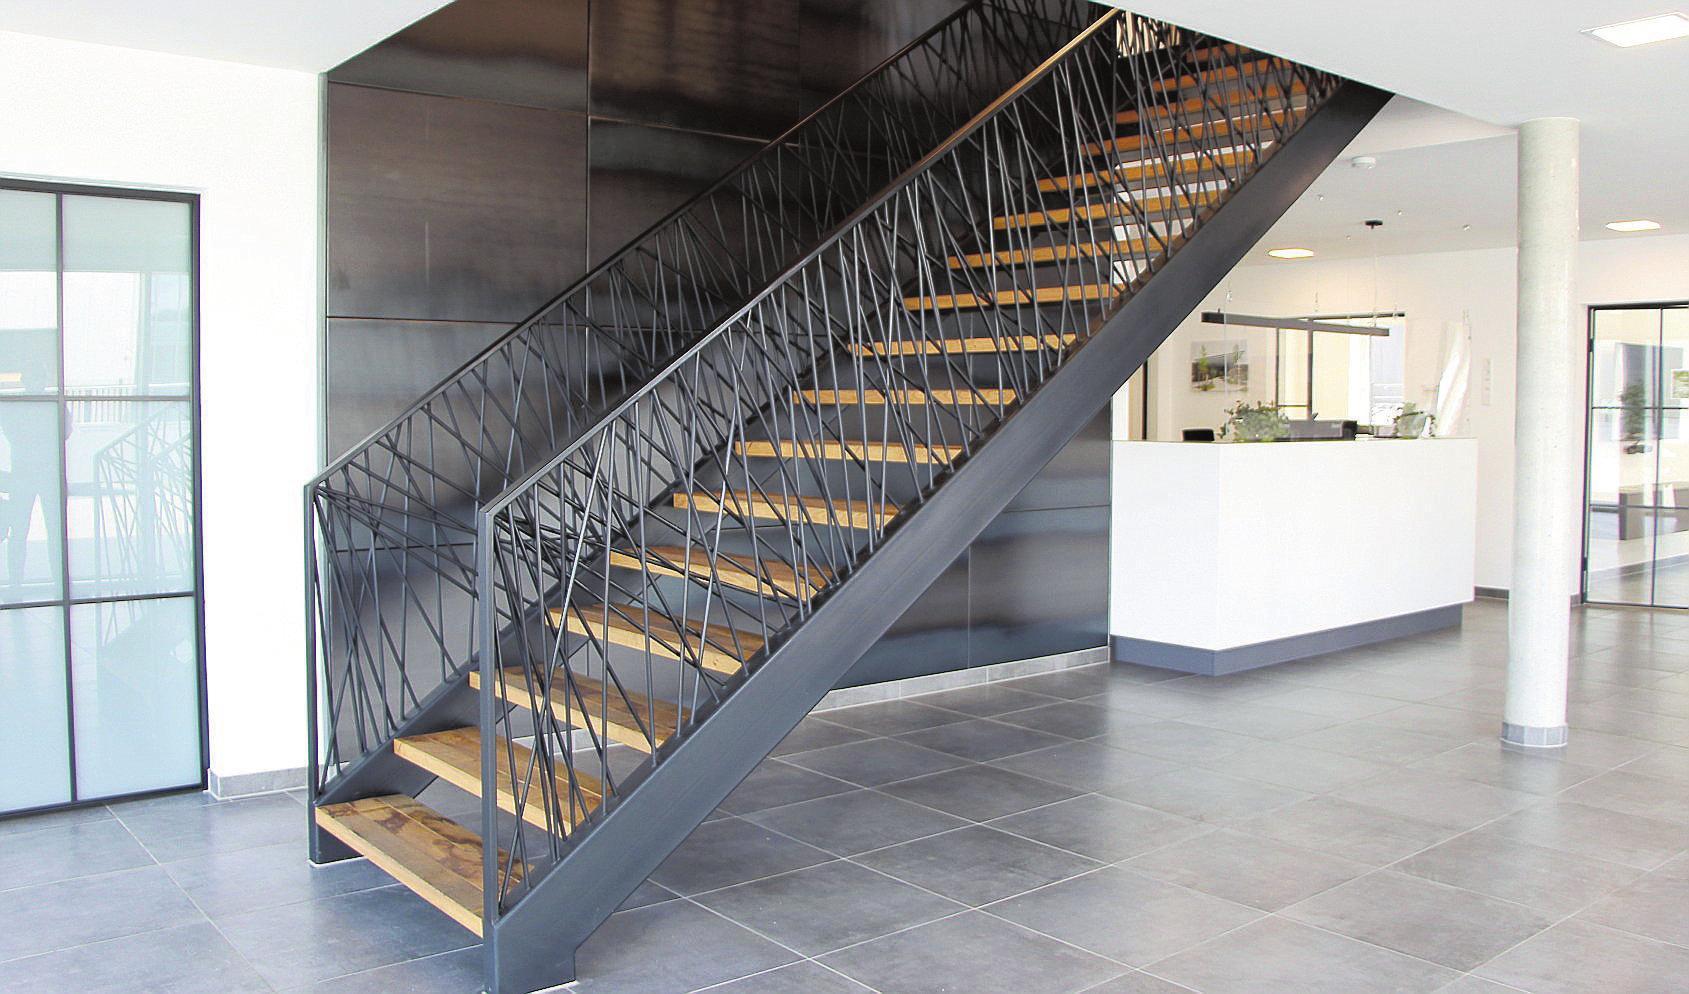 Ein echter Blickfang im Foyer ist die freistehende Treppe, deren Geländer aus asynchronen Stahlstangen besteht. FOTOS (3) GERWING